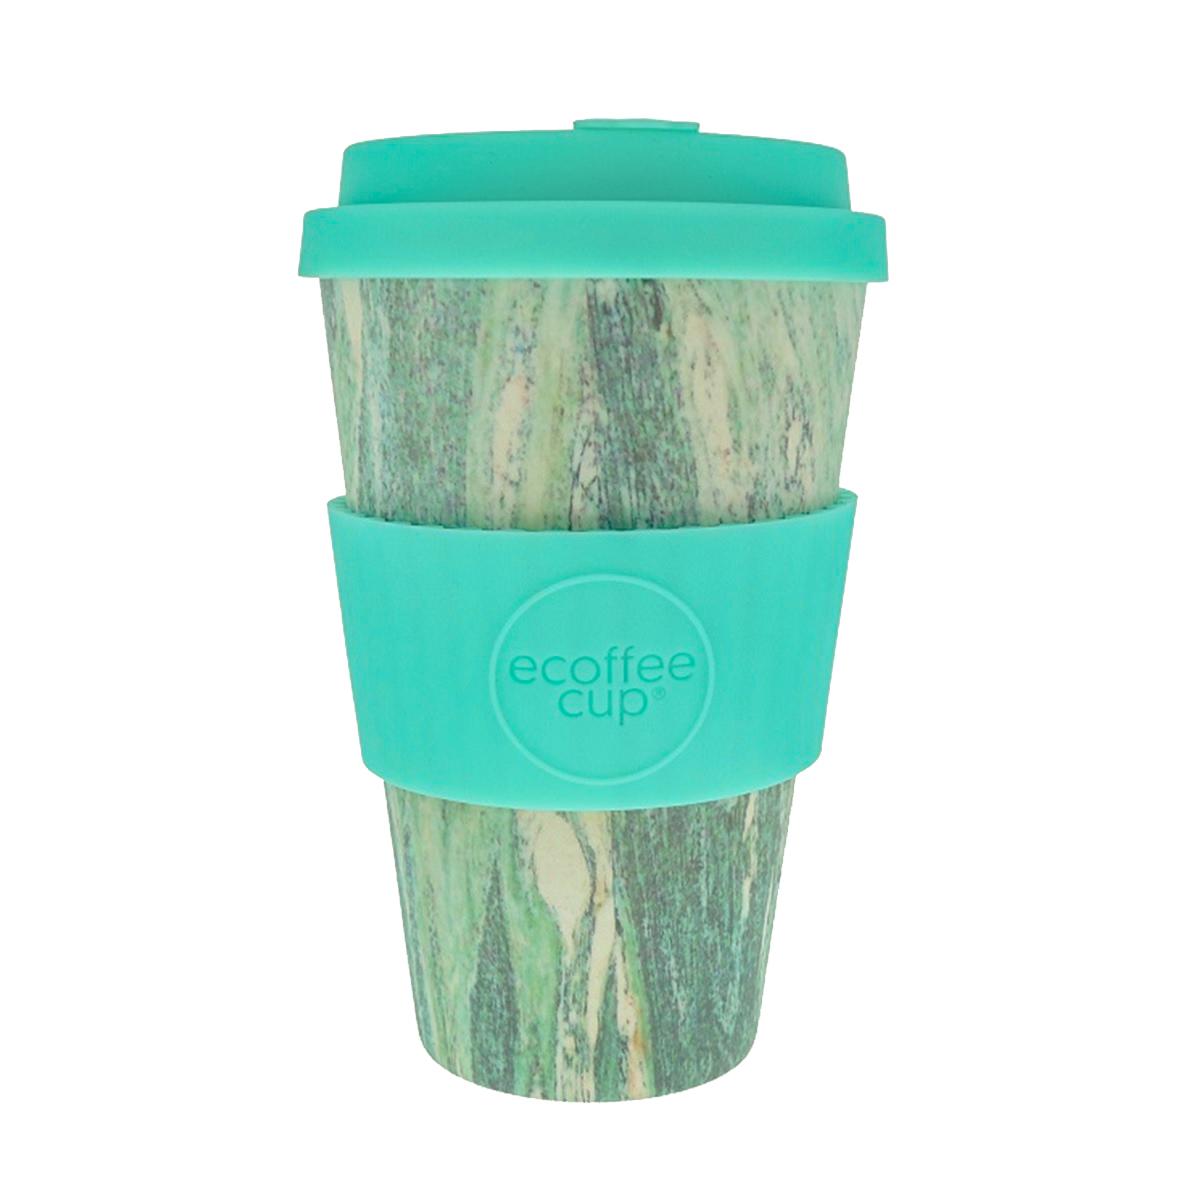 エコーヒーカップ|MARMO VERDE(大理石)